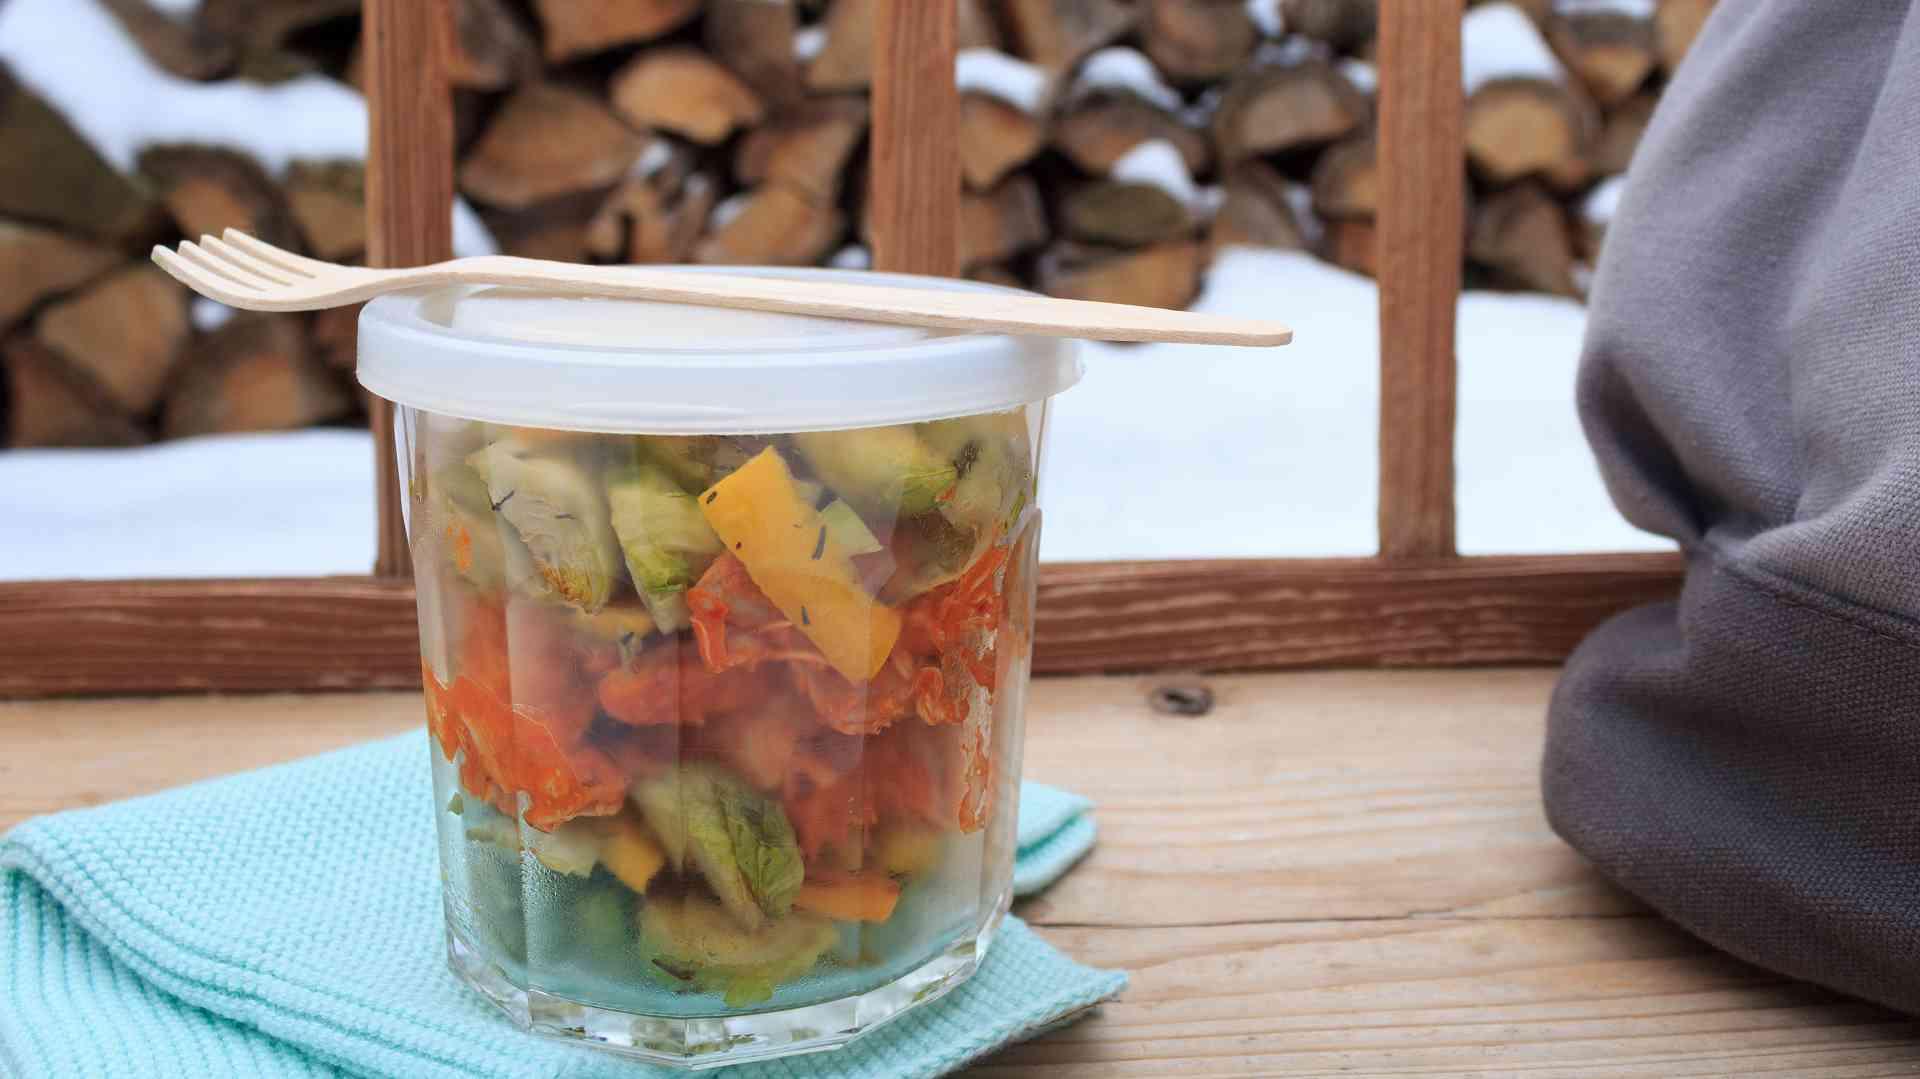 Rosenkohl-Salat in einem Glas auf einer Parkbank